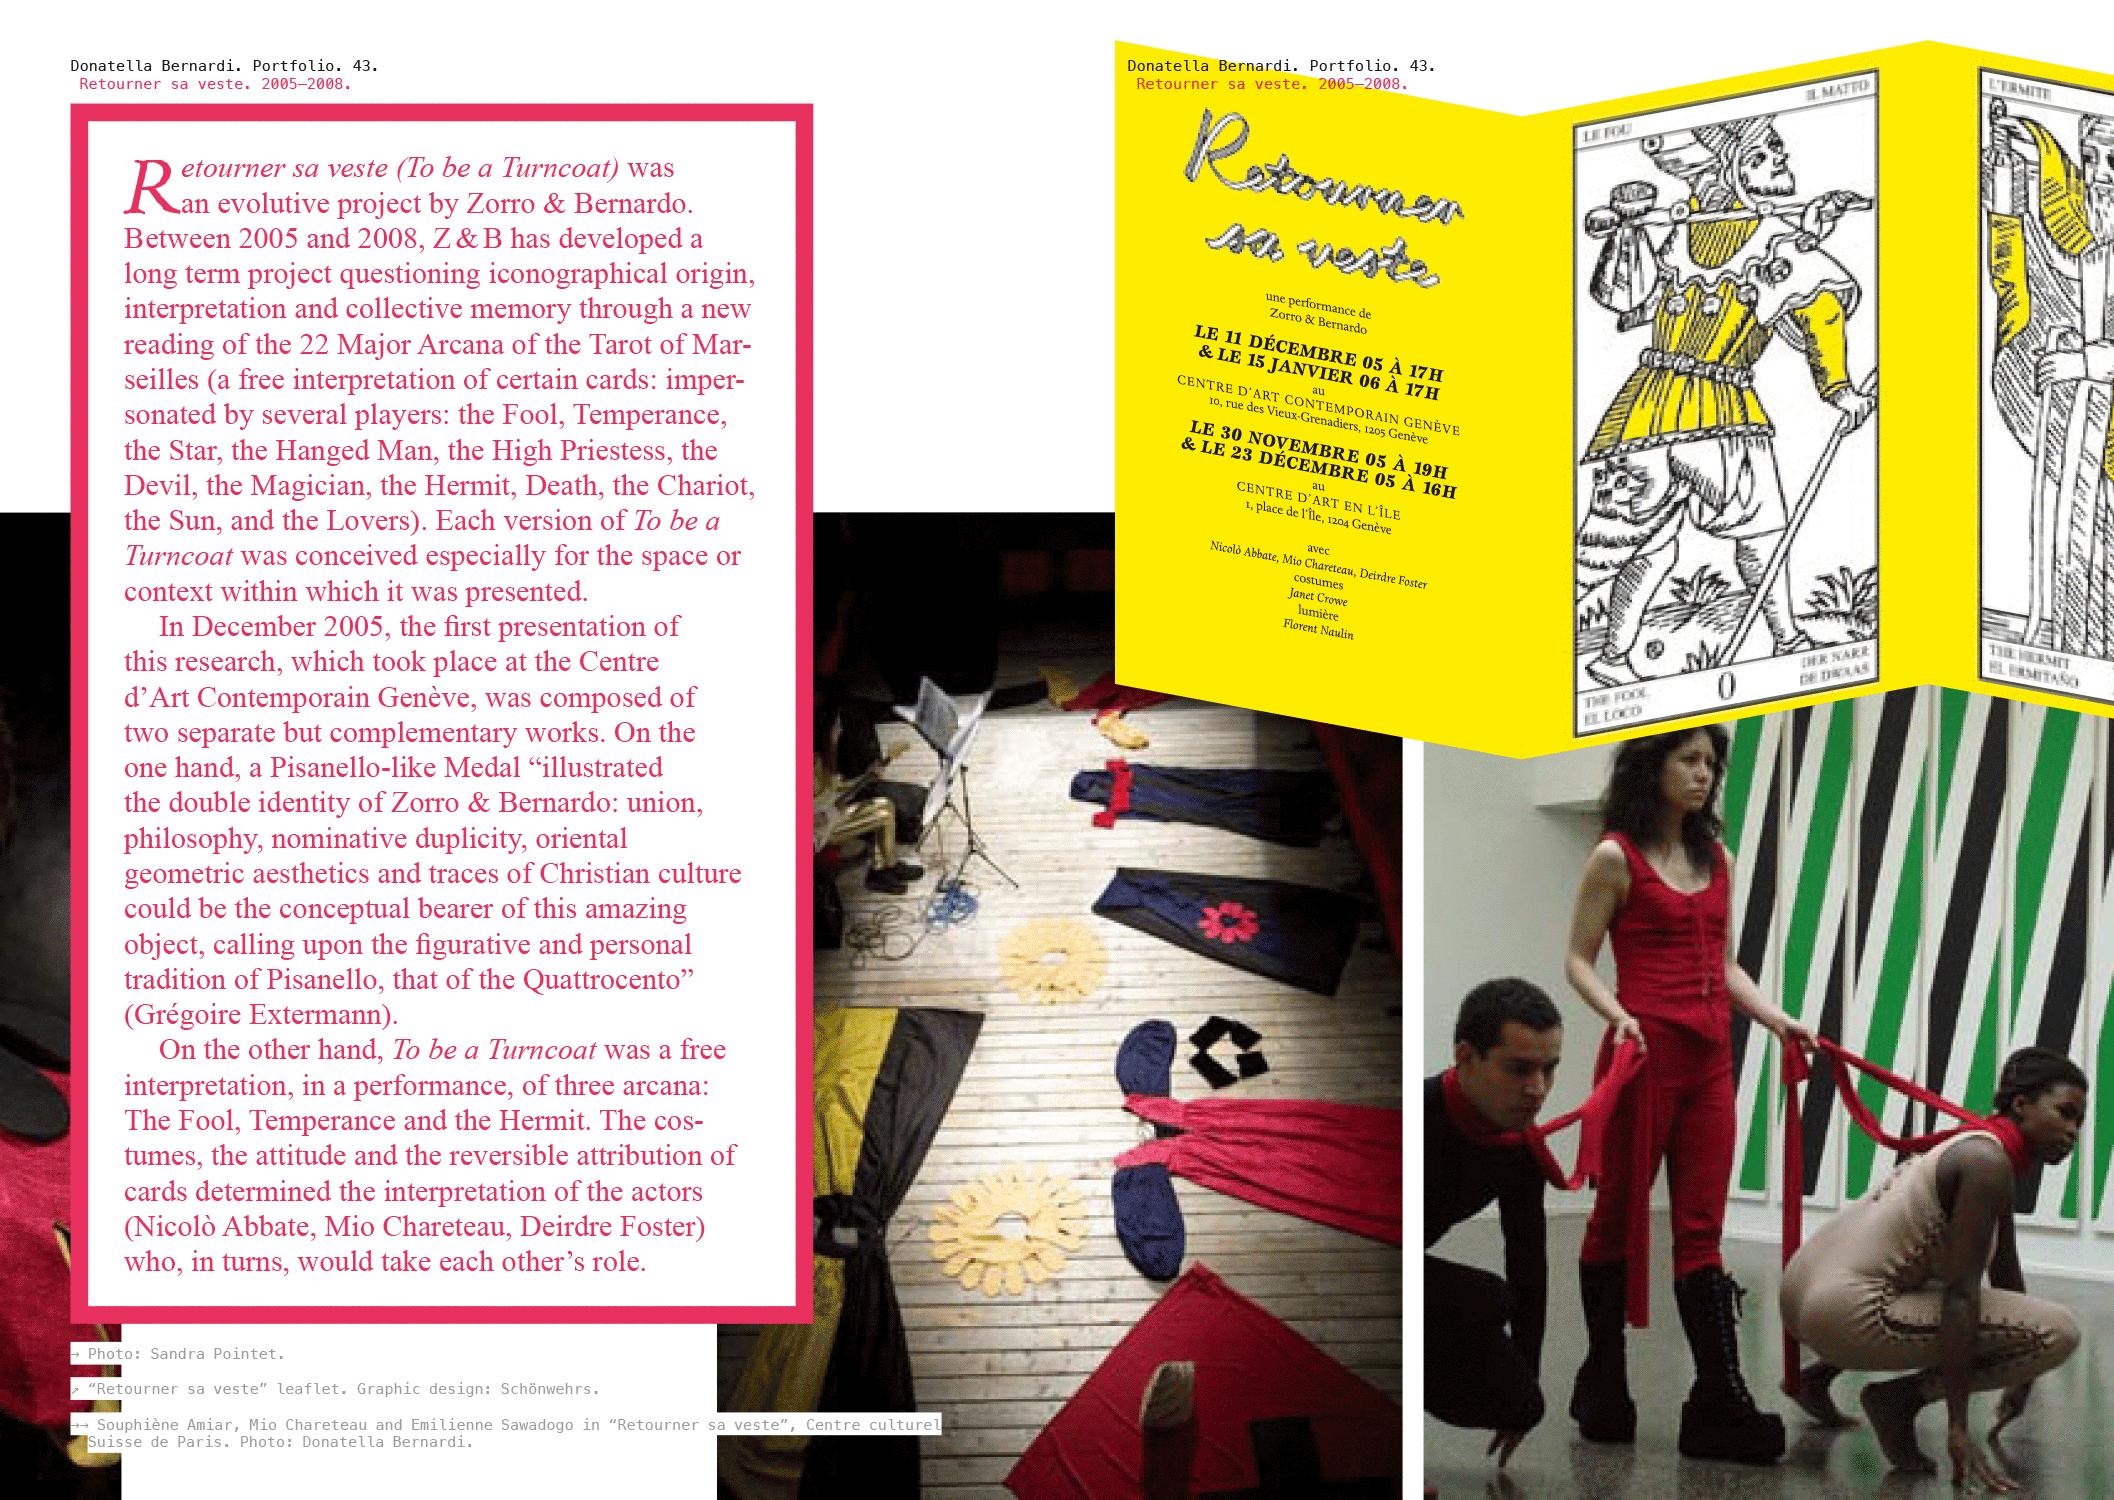 Portfolio de l'artiste/curatrice Donatella Bernardi. En haut à droite, le mini-dépliant réalisé pour l'exposition «Retourner sa veste».